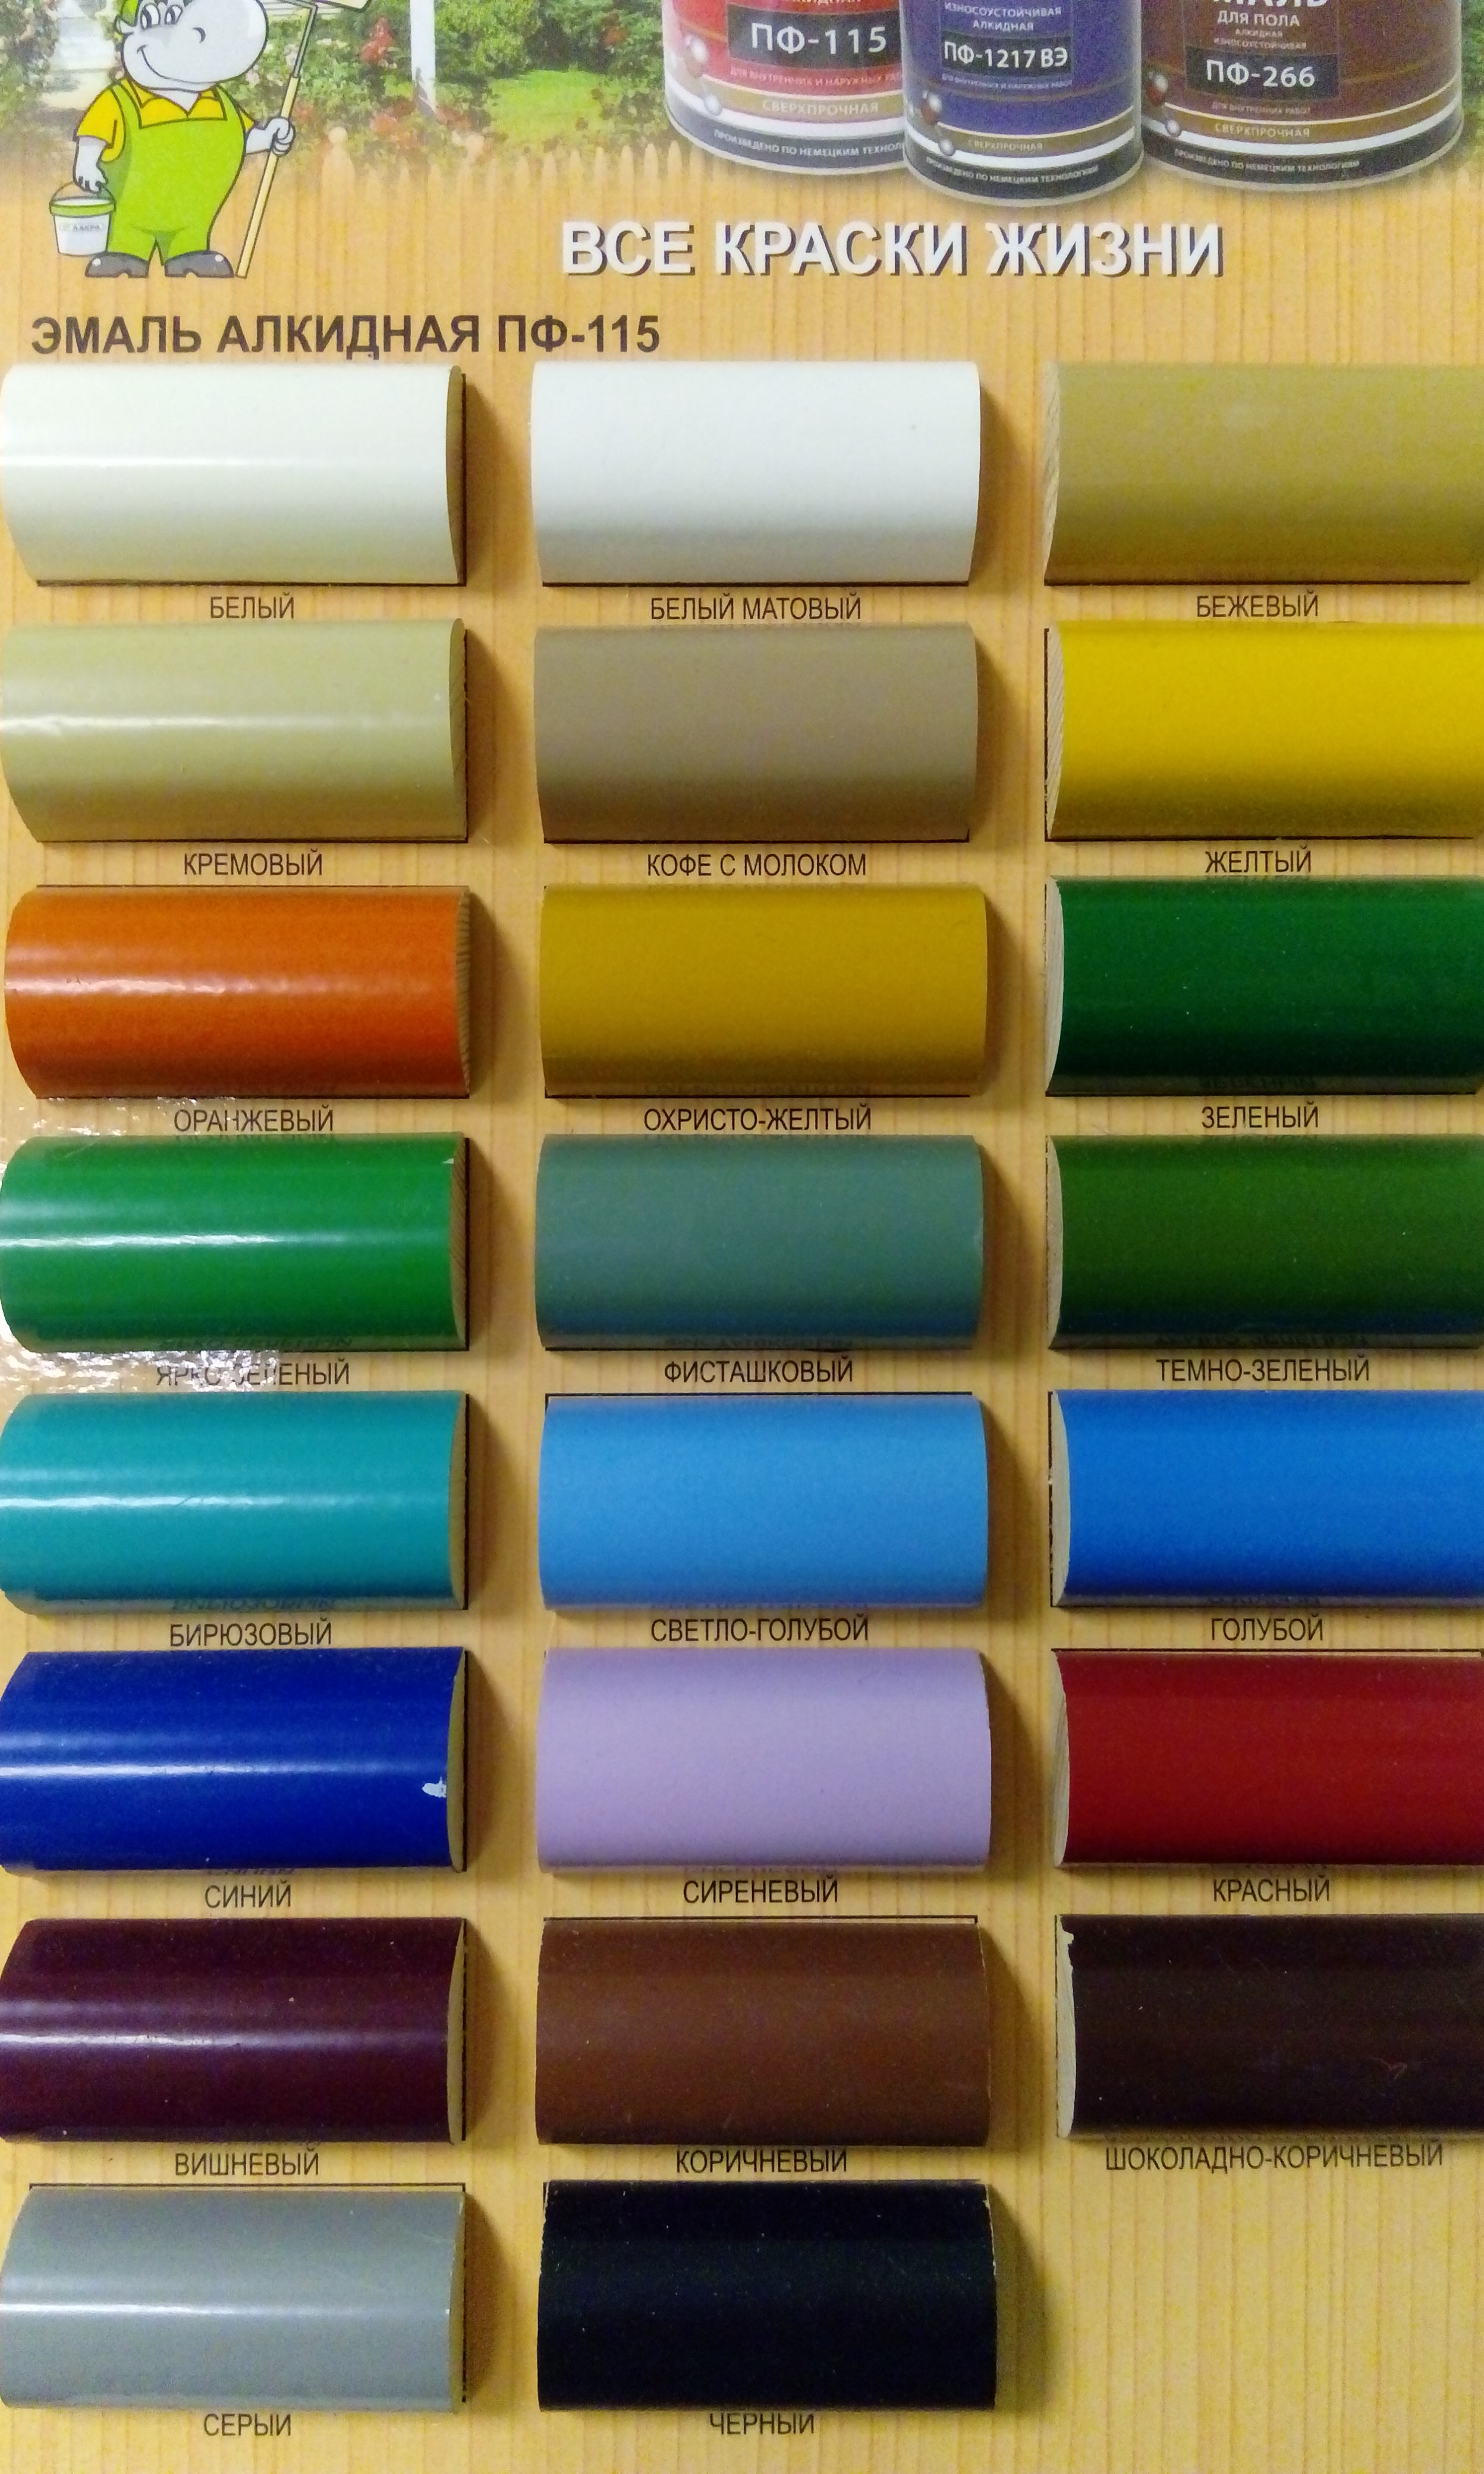 Краска эмаль пф-115 гост 6465-76 белая: продажа, цена в.